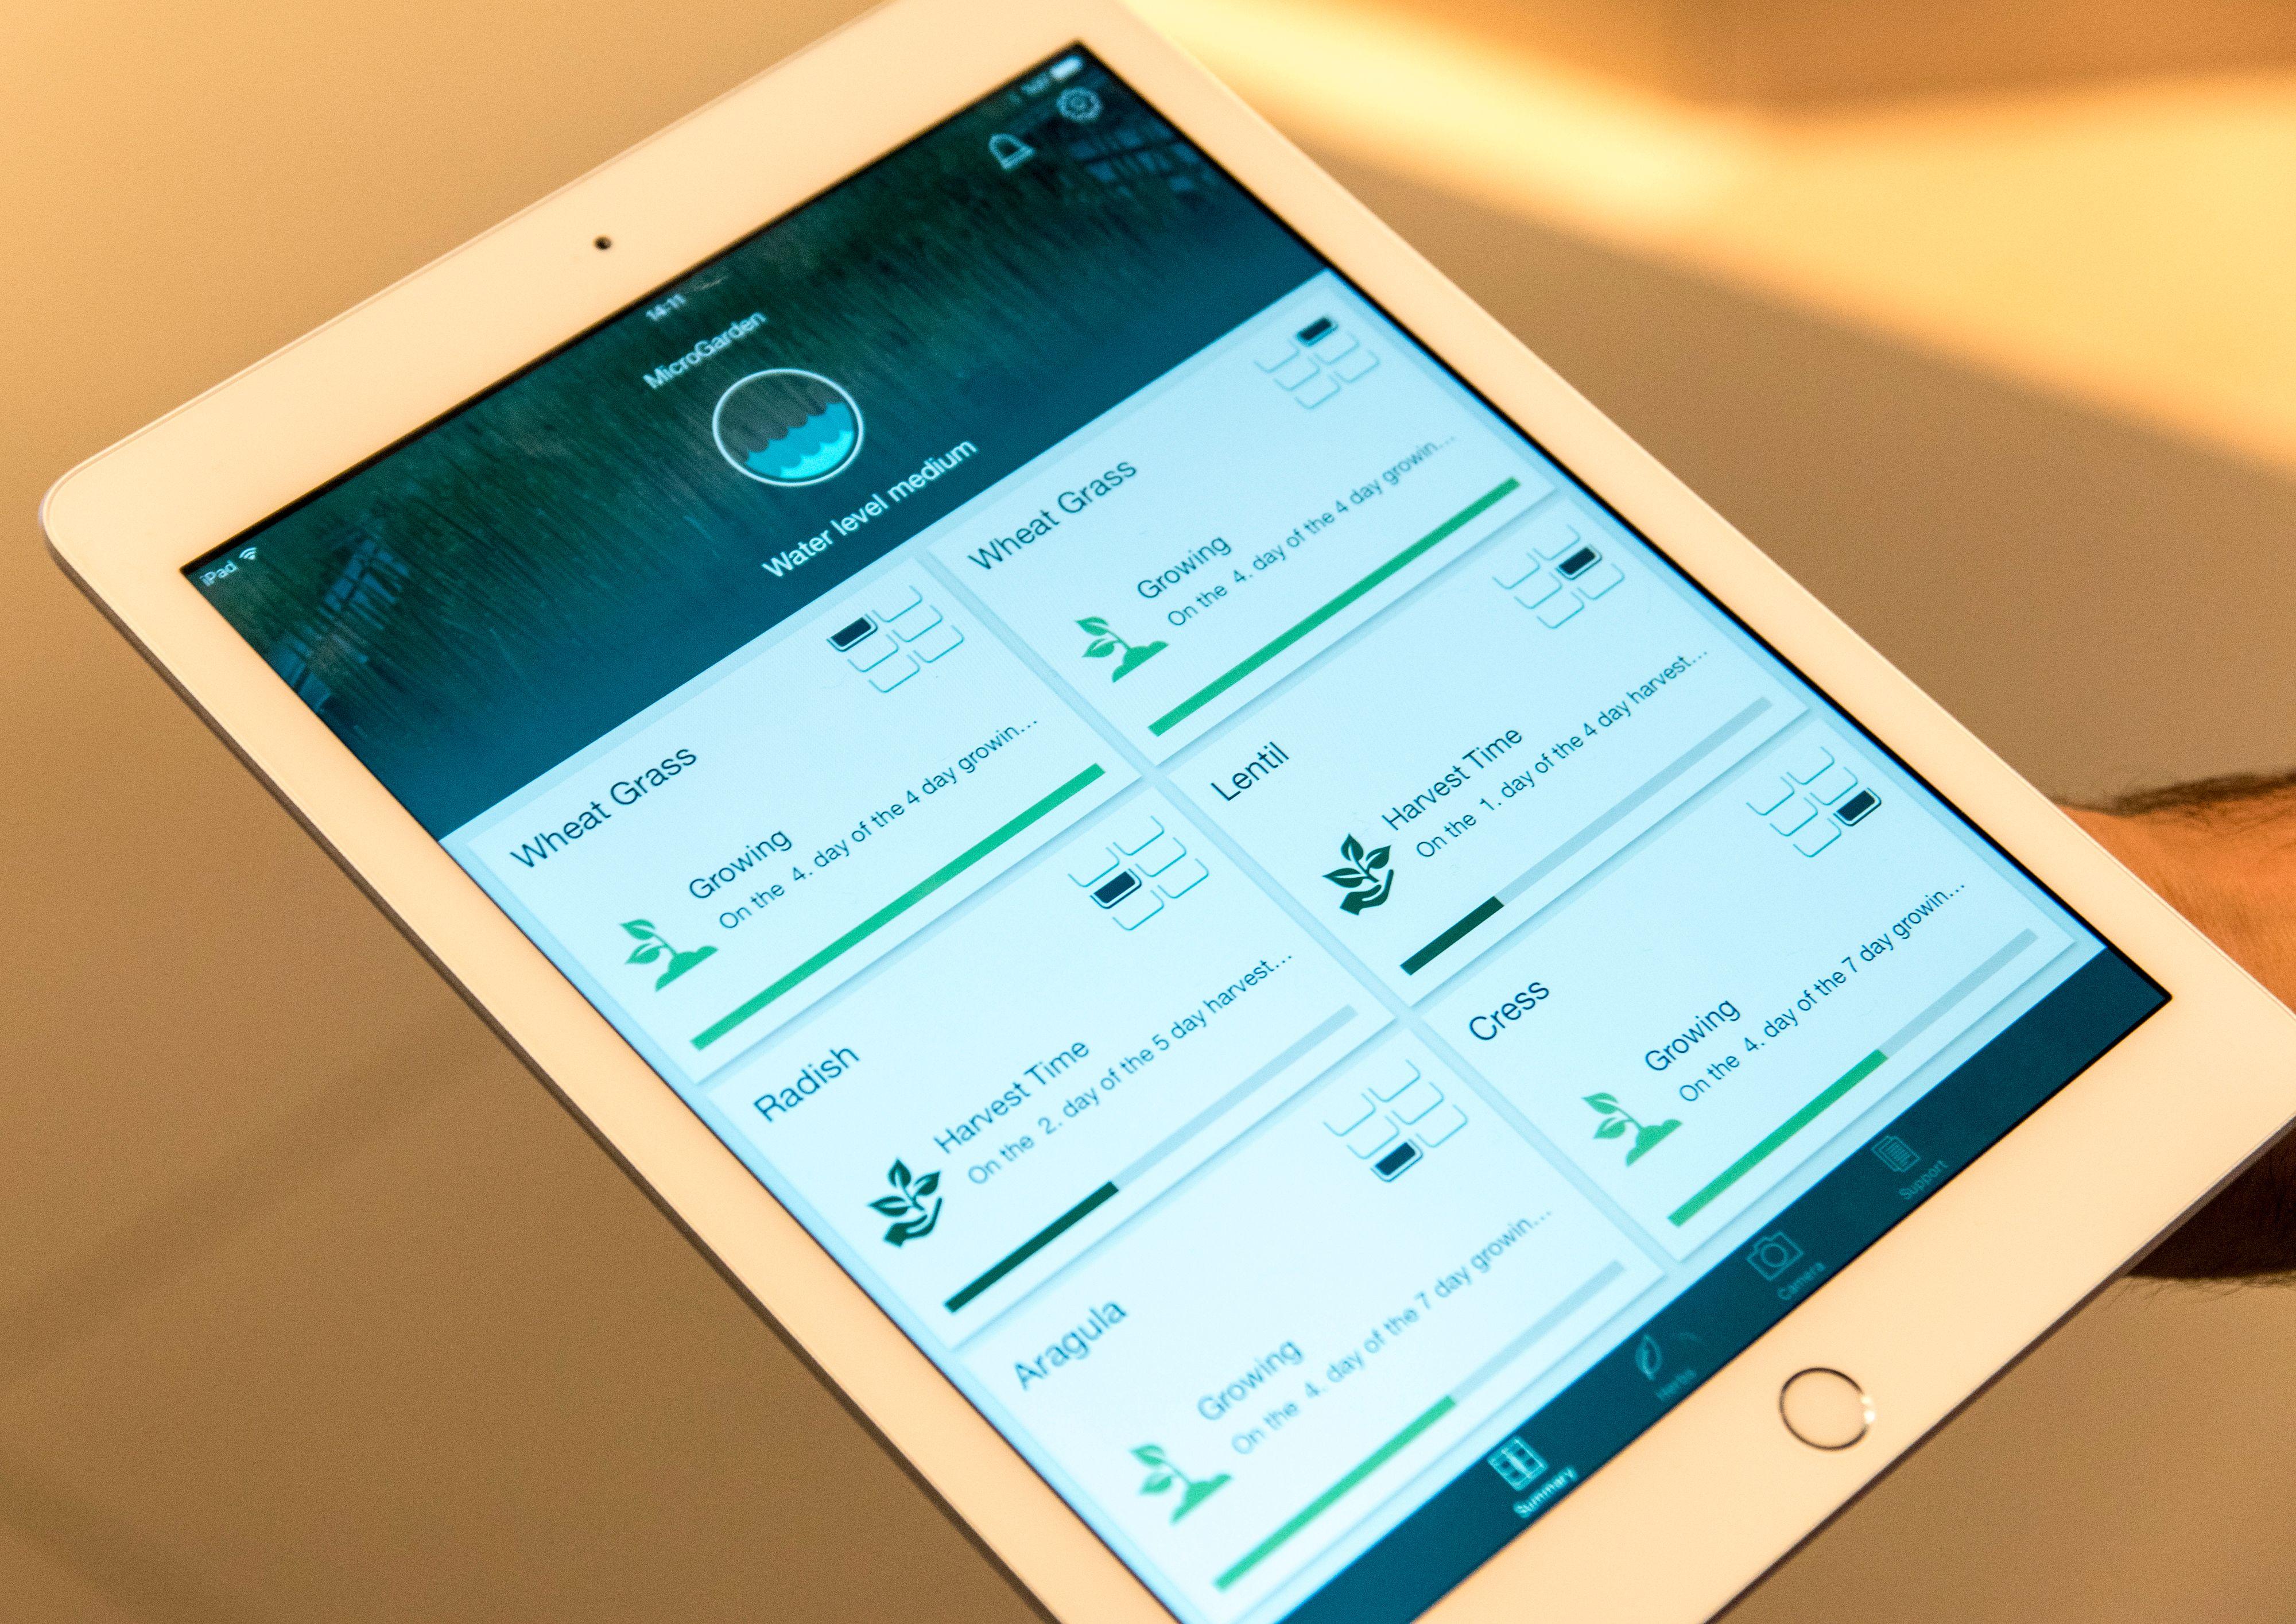 Detaljer om hvor alt er i prosessen kan leses ut av samme app.